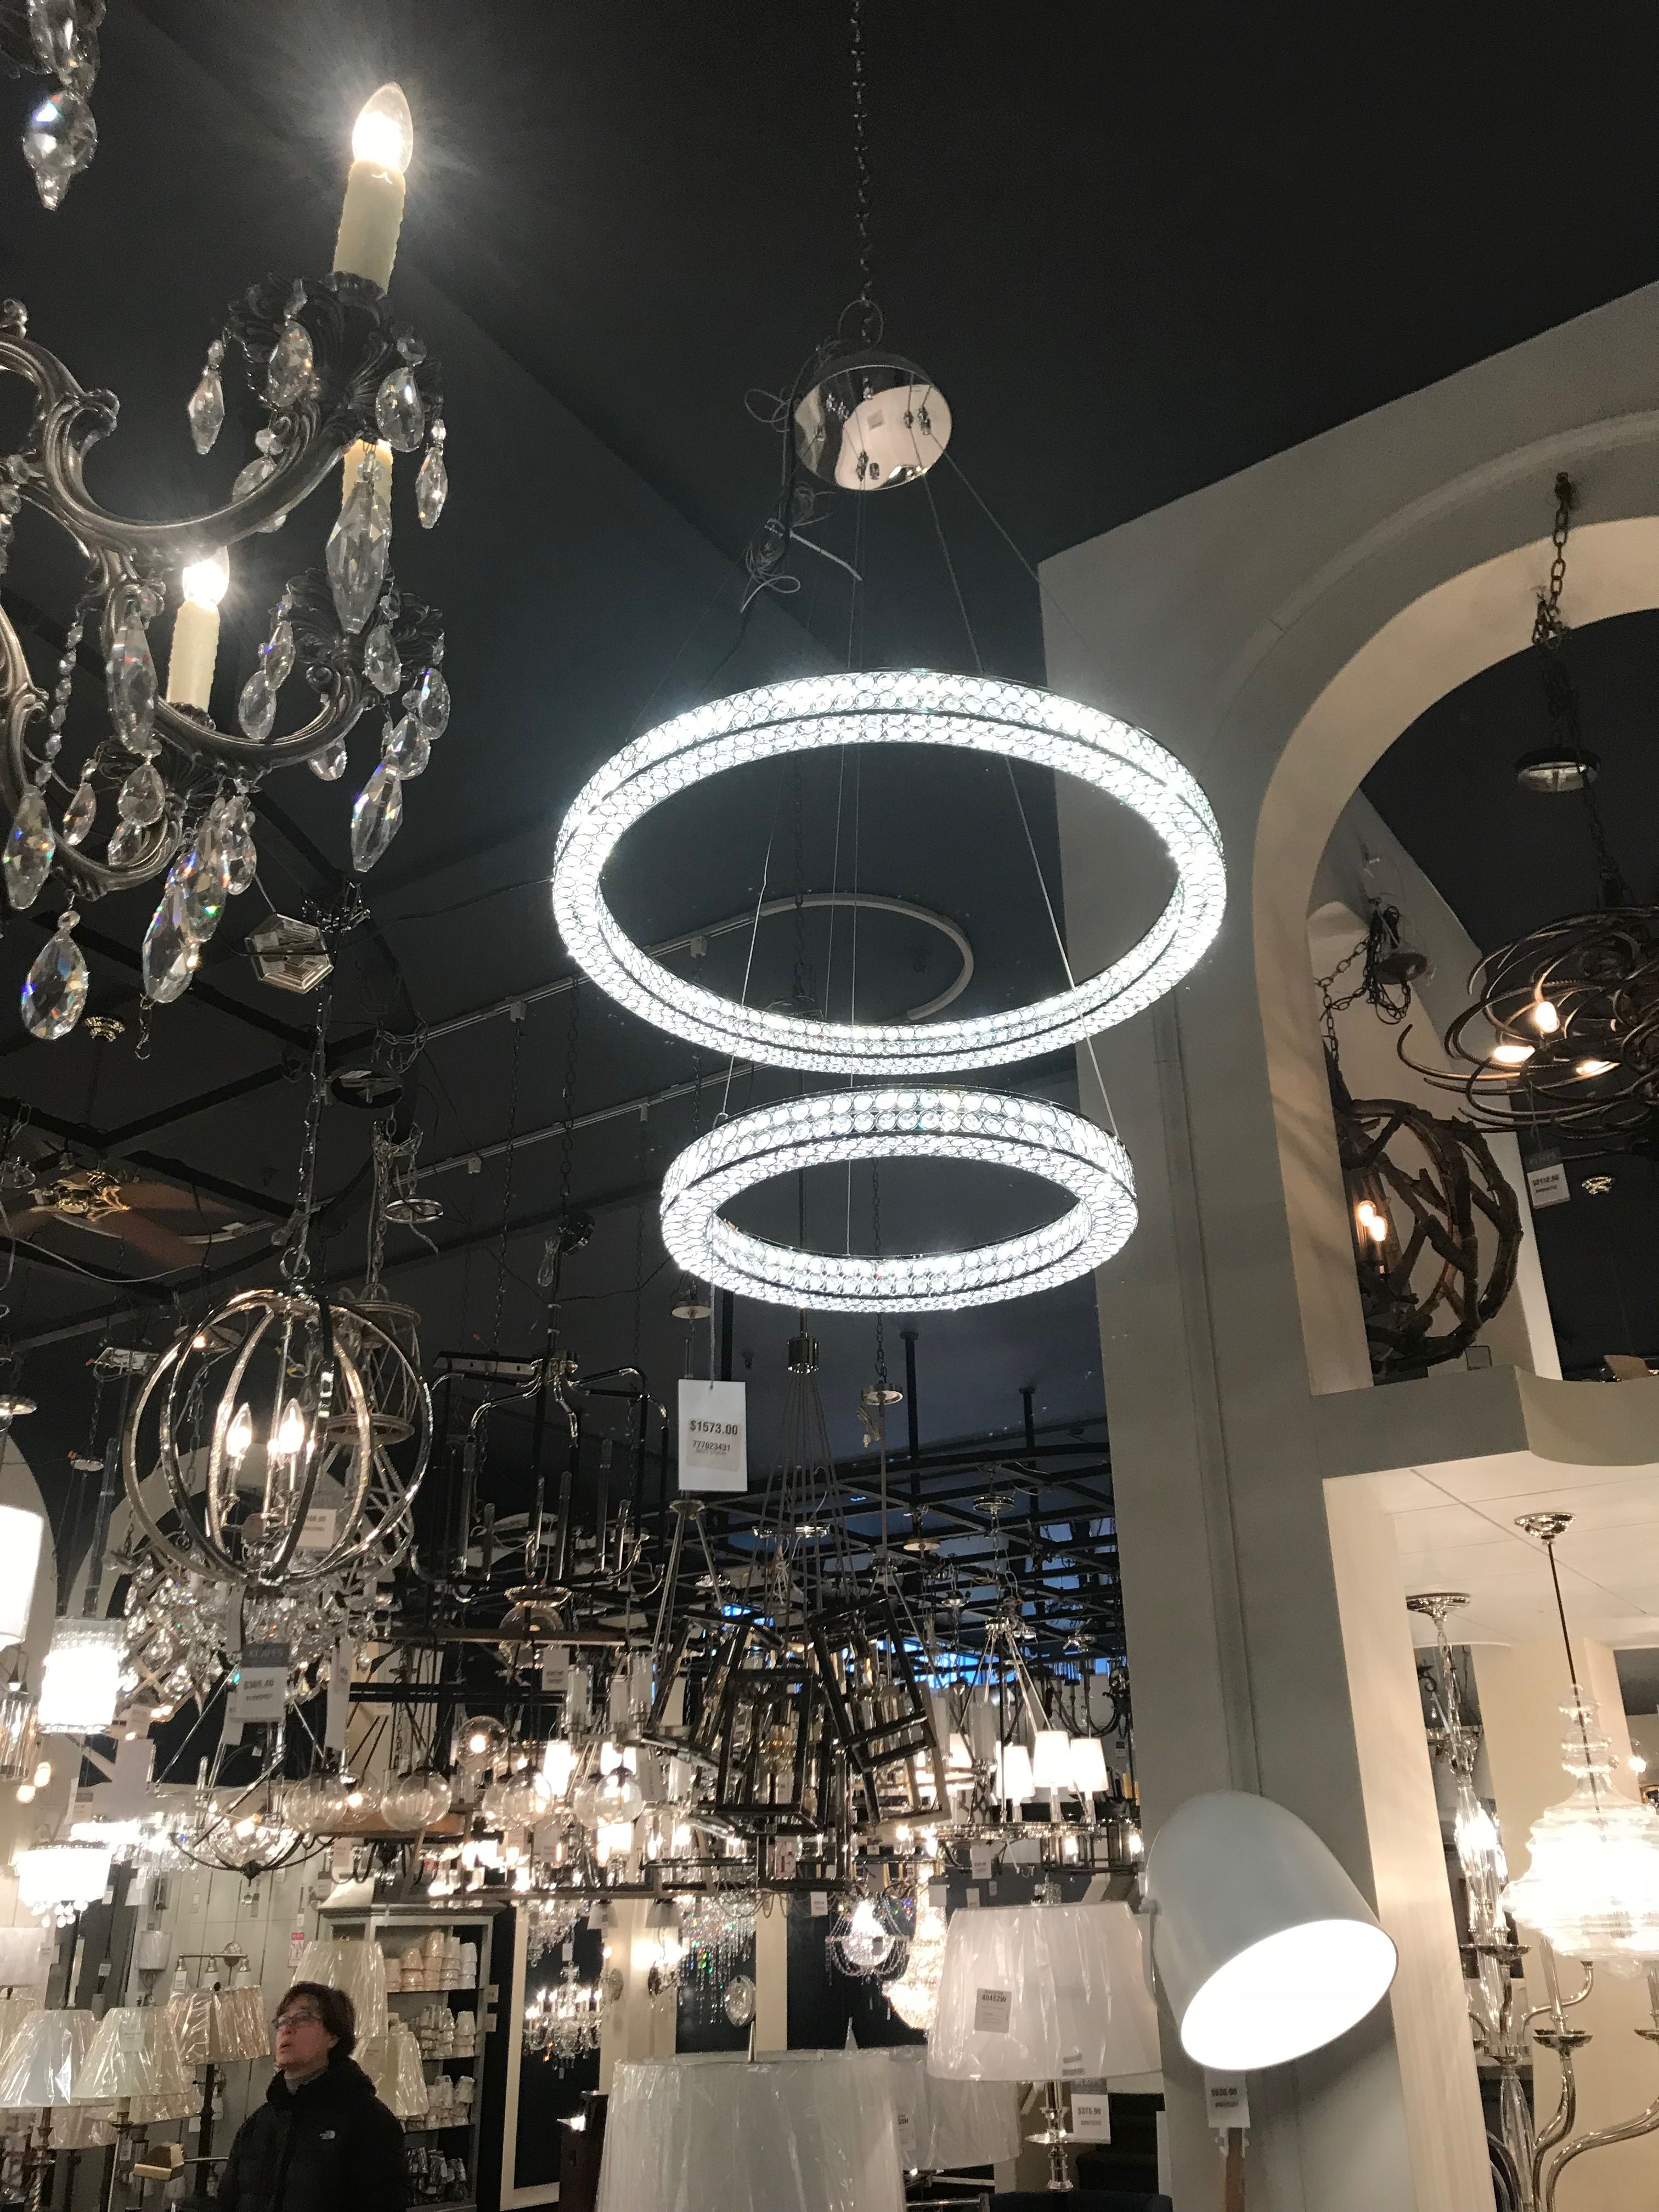 Klaff S Ceiling Lights Sweet Home